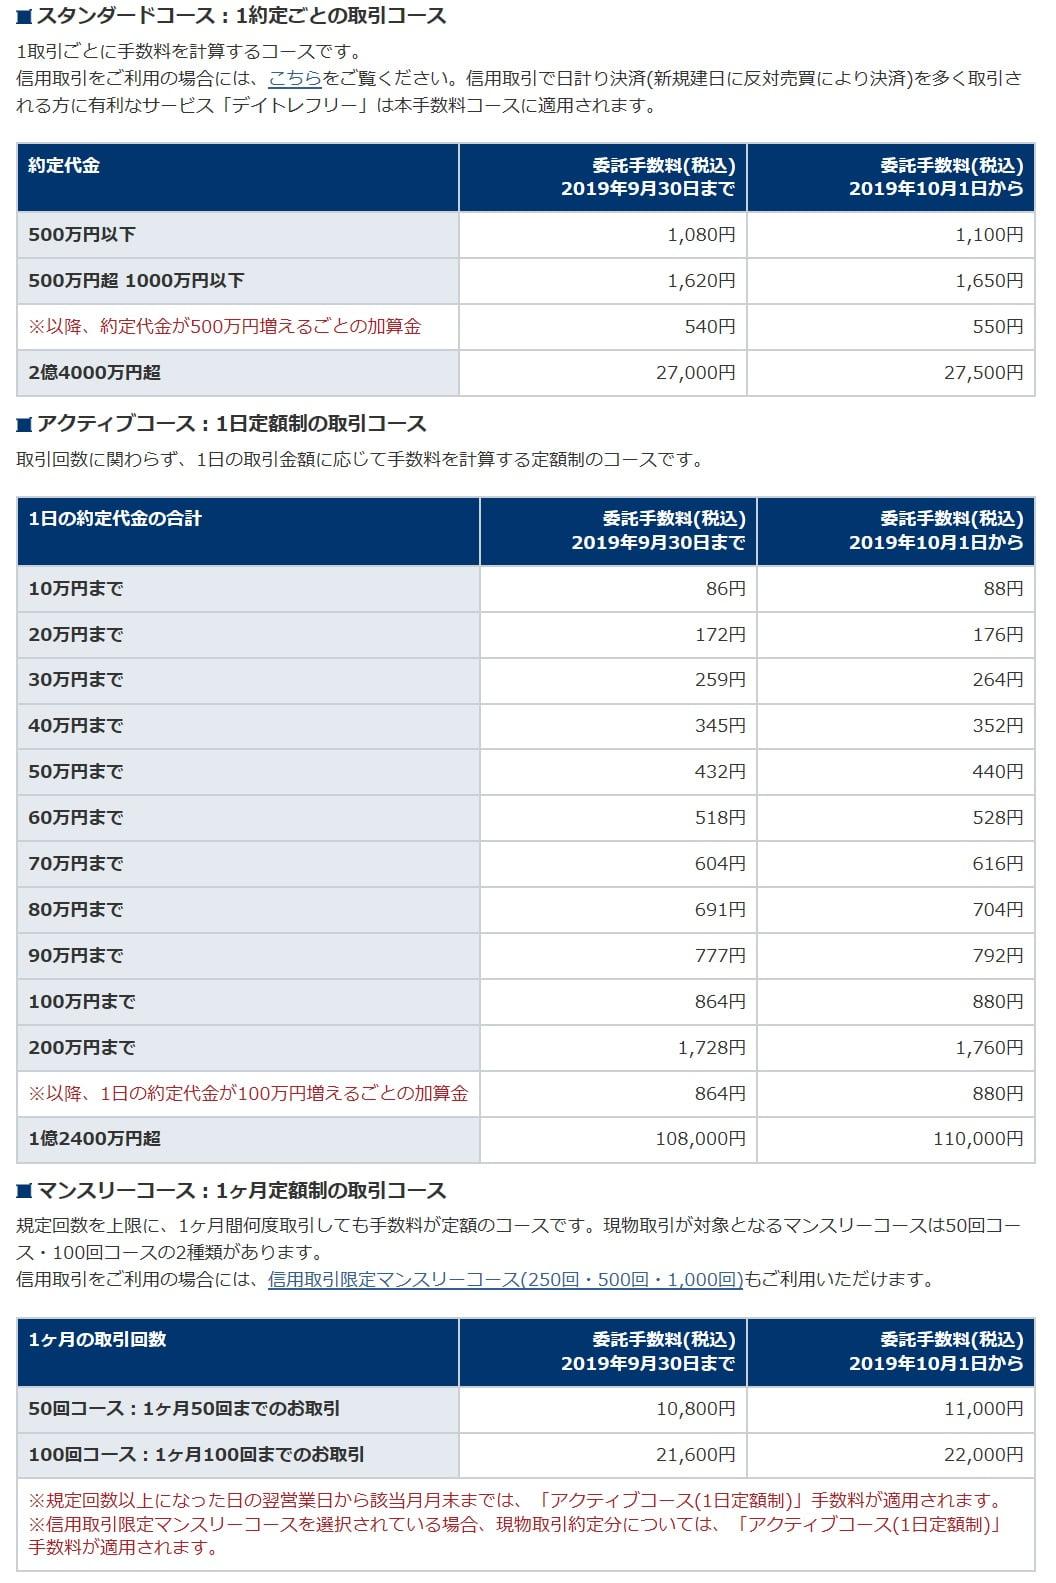 岩井コスモ証券 ネット取引 pcログイン